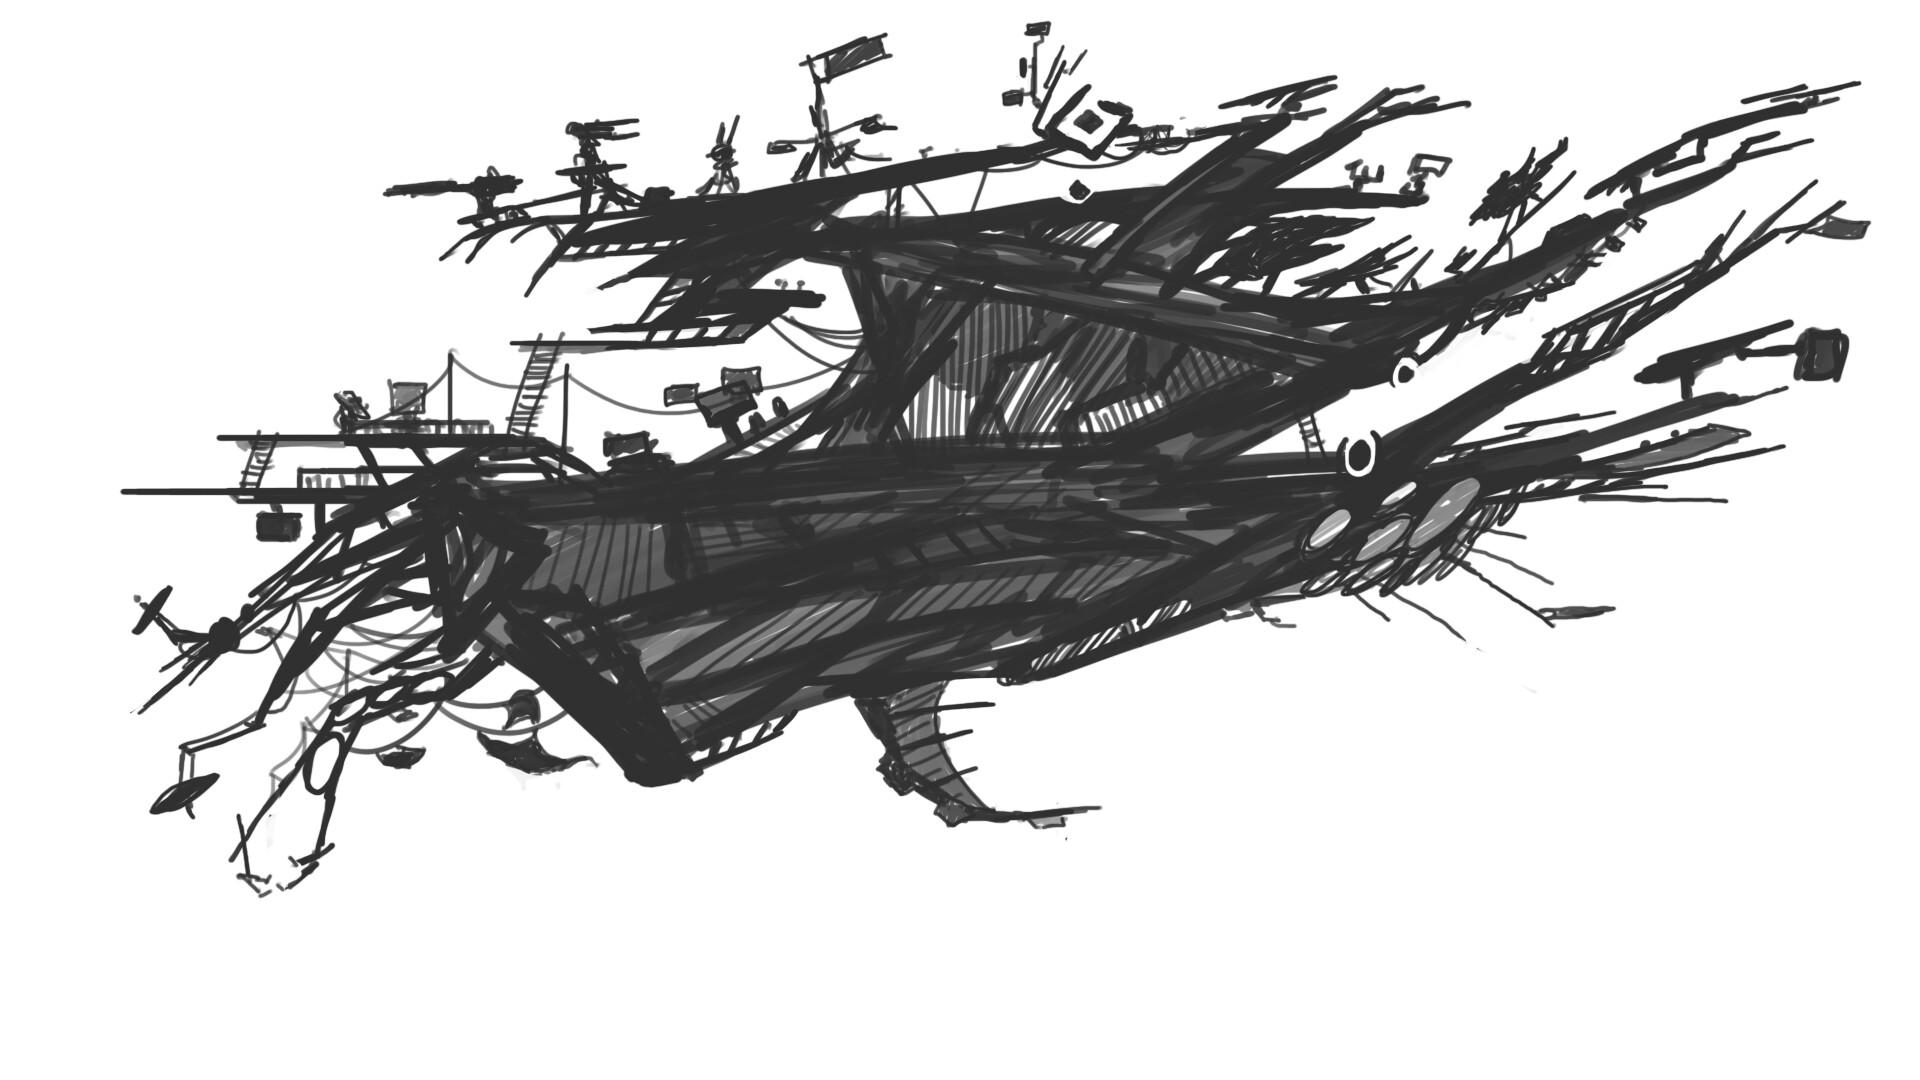 Alexander laheij drawing10 19